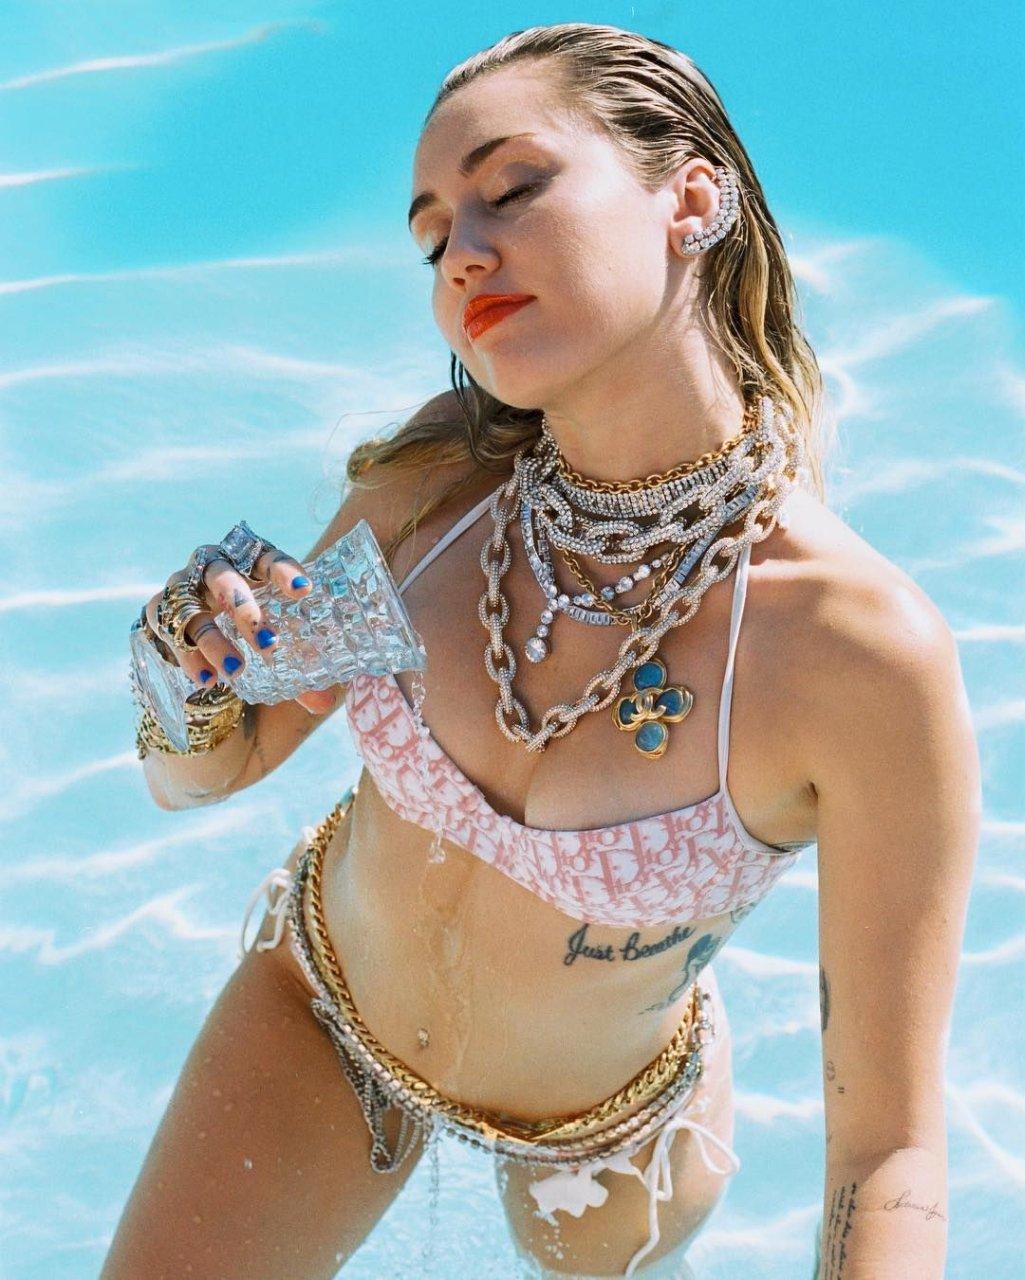 Selena gomez pussy naked pics